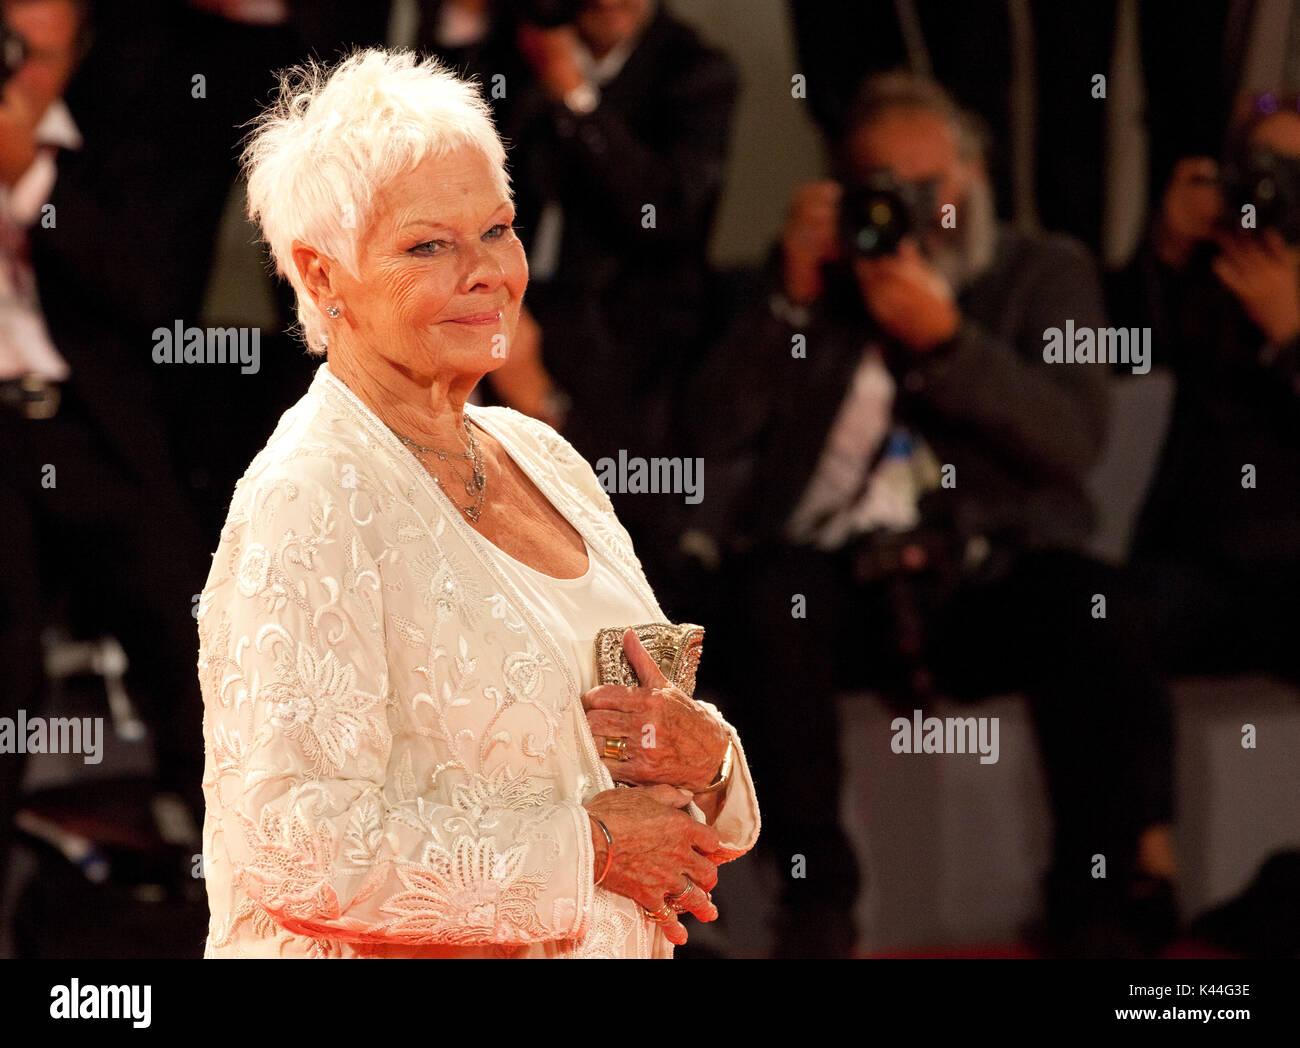 Judi Dench no Premiere do filme Victoria & Abdul especialefectuado no Festival de Cinema de Veneza, Sala Grande no domingo 3 de Setembro de 2017, Lido de Veneza, Itália. Imagens de Stock